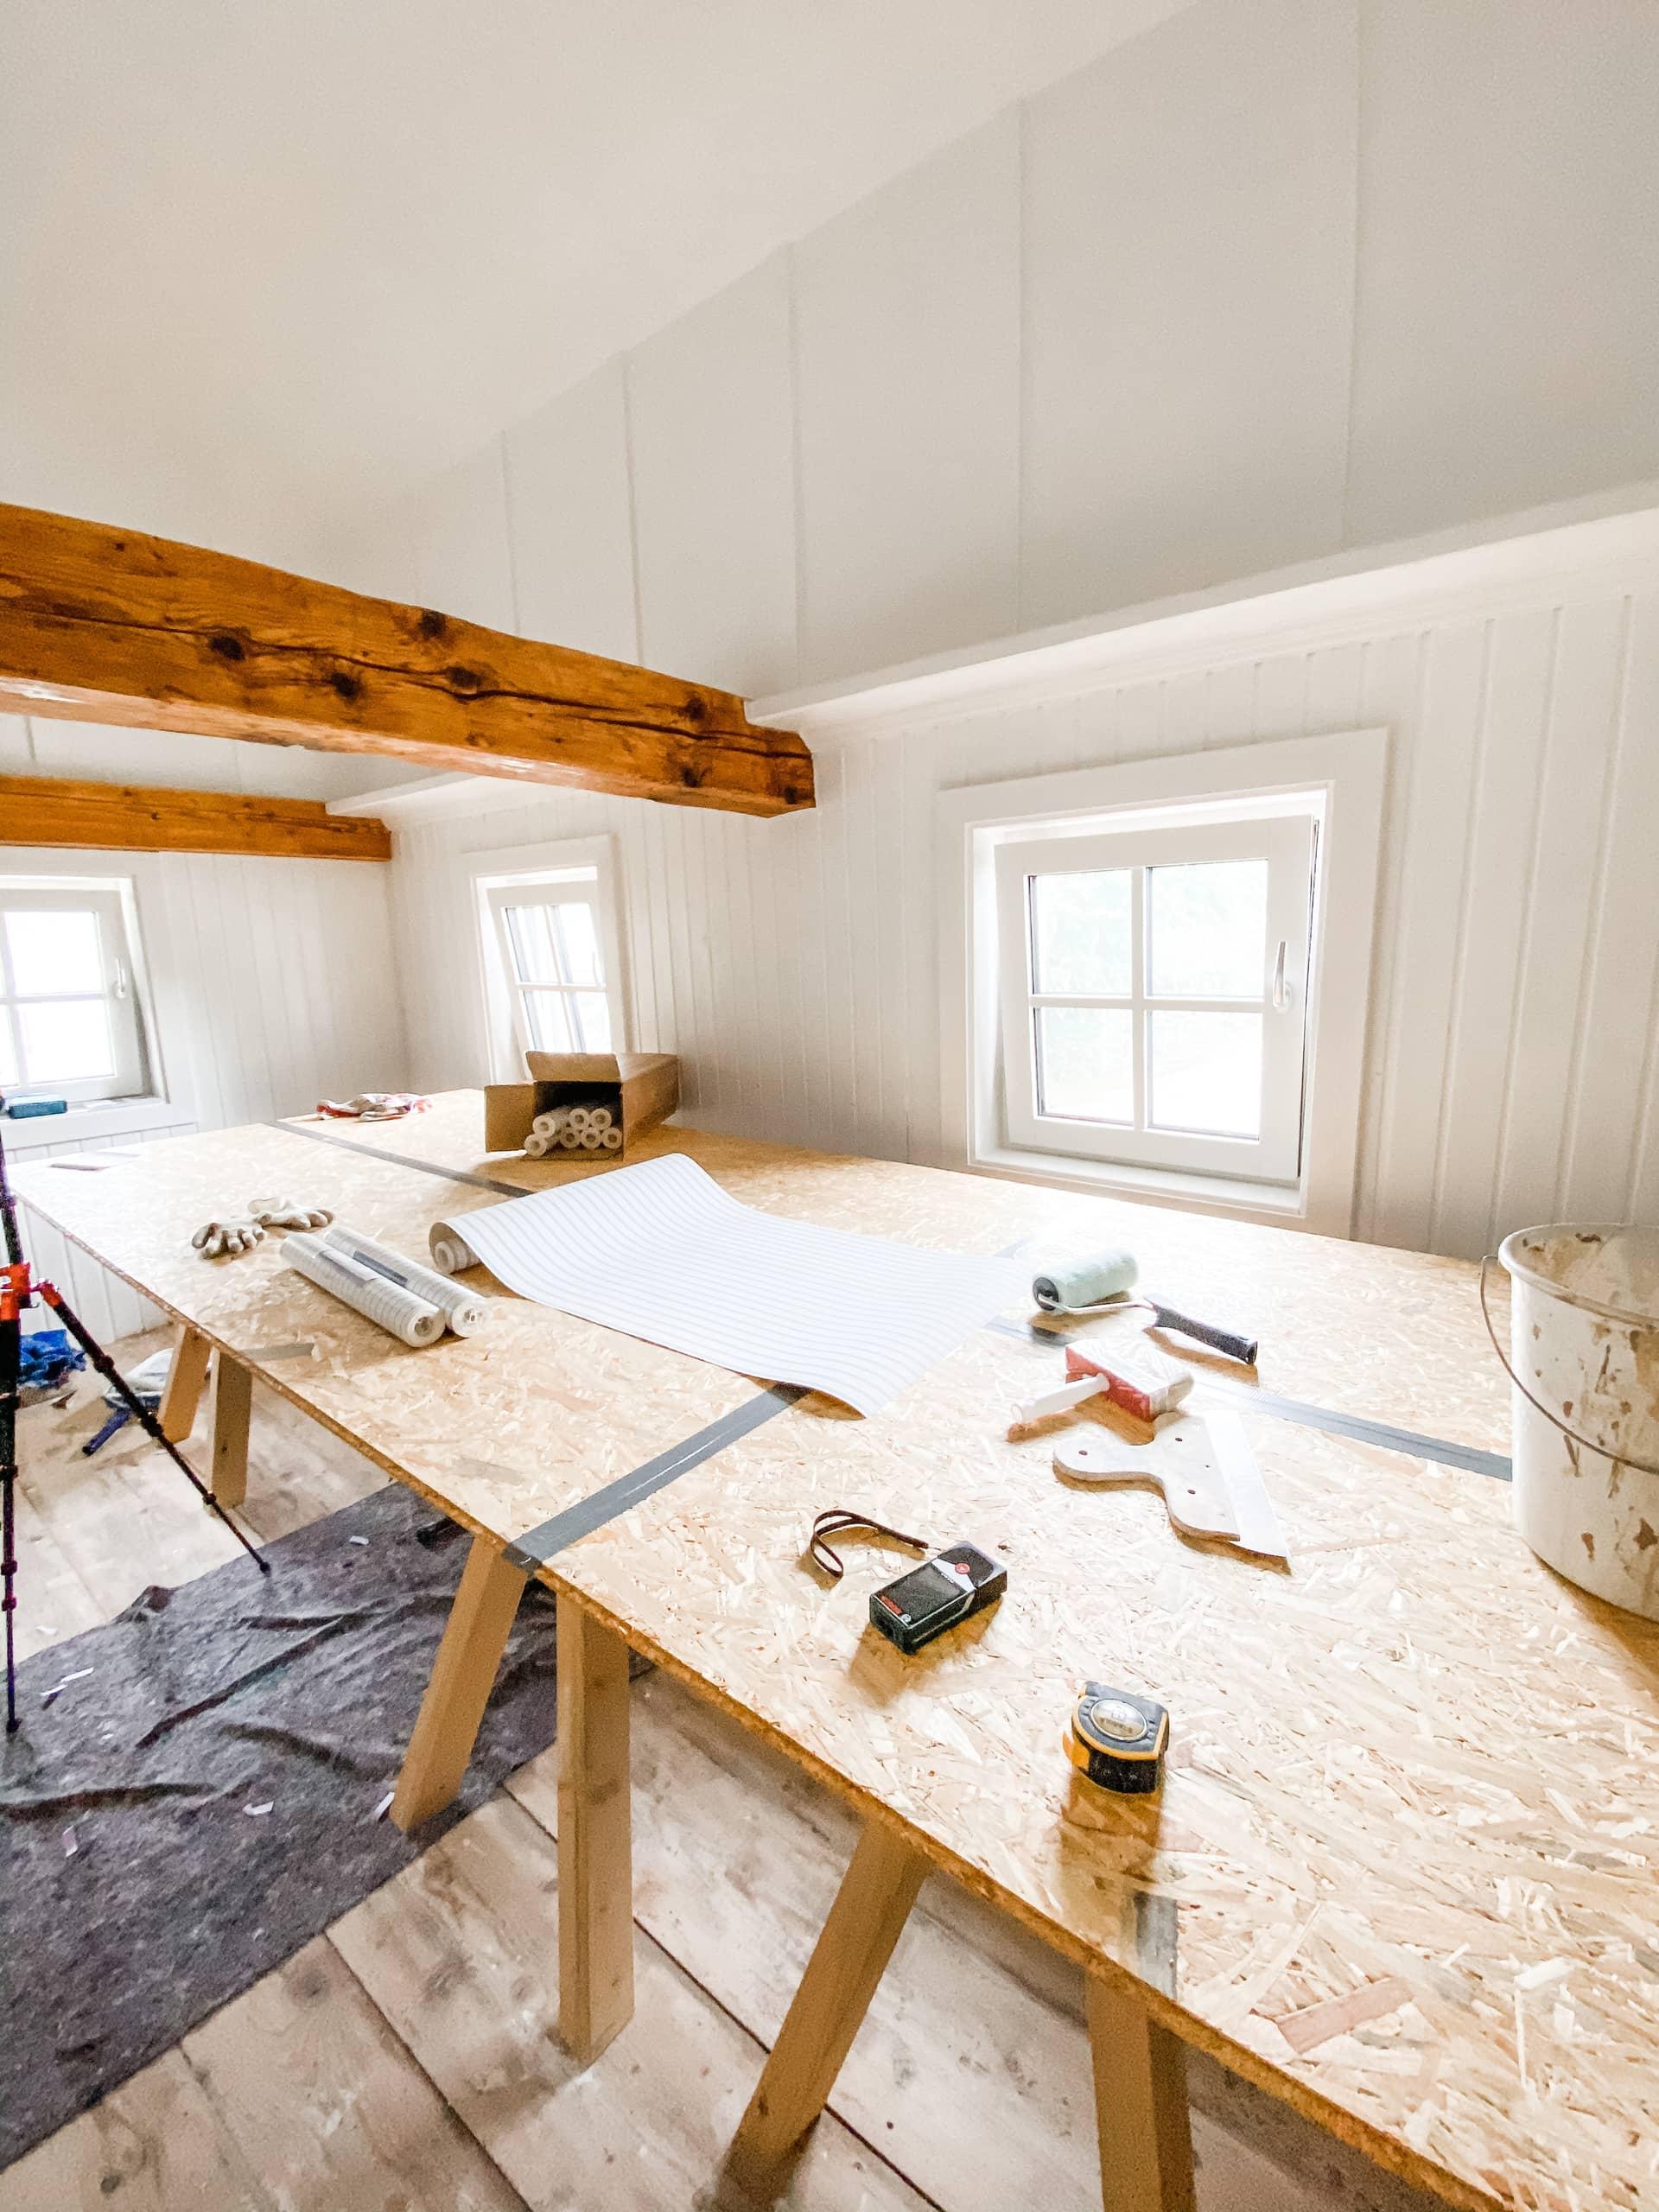 Tapetseringsbord, oppussingsprosjekt, hvite vegger, tresser i taket